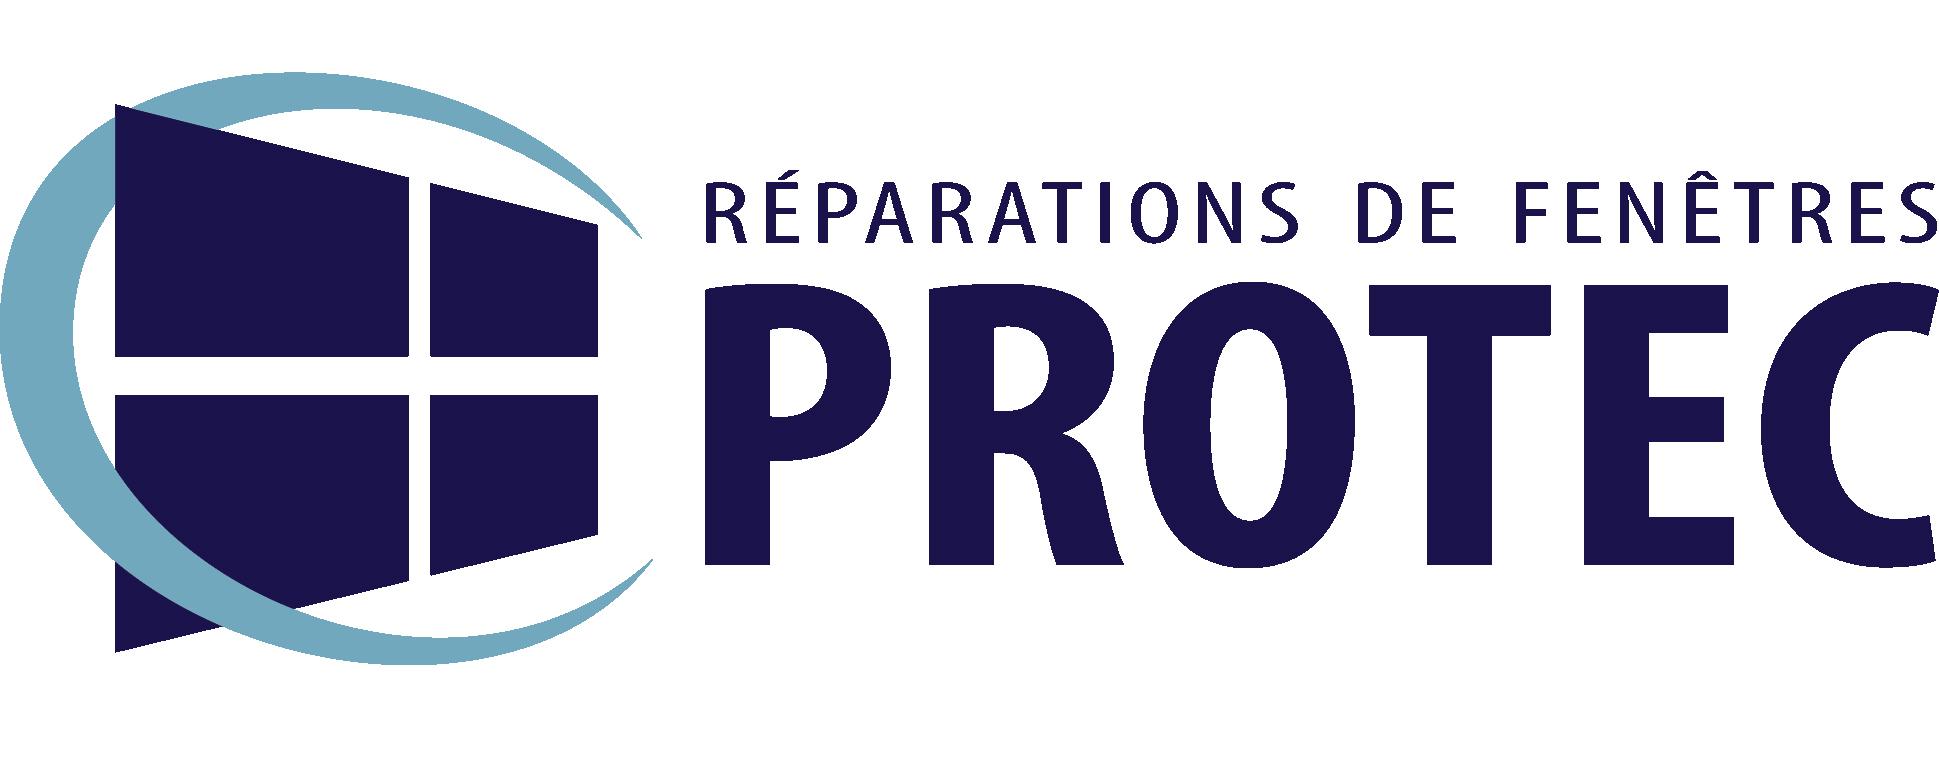 R parations de fen tres protec laval qc ourbis for Reparation de fenetre